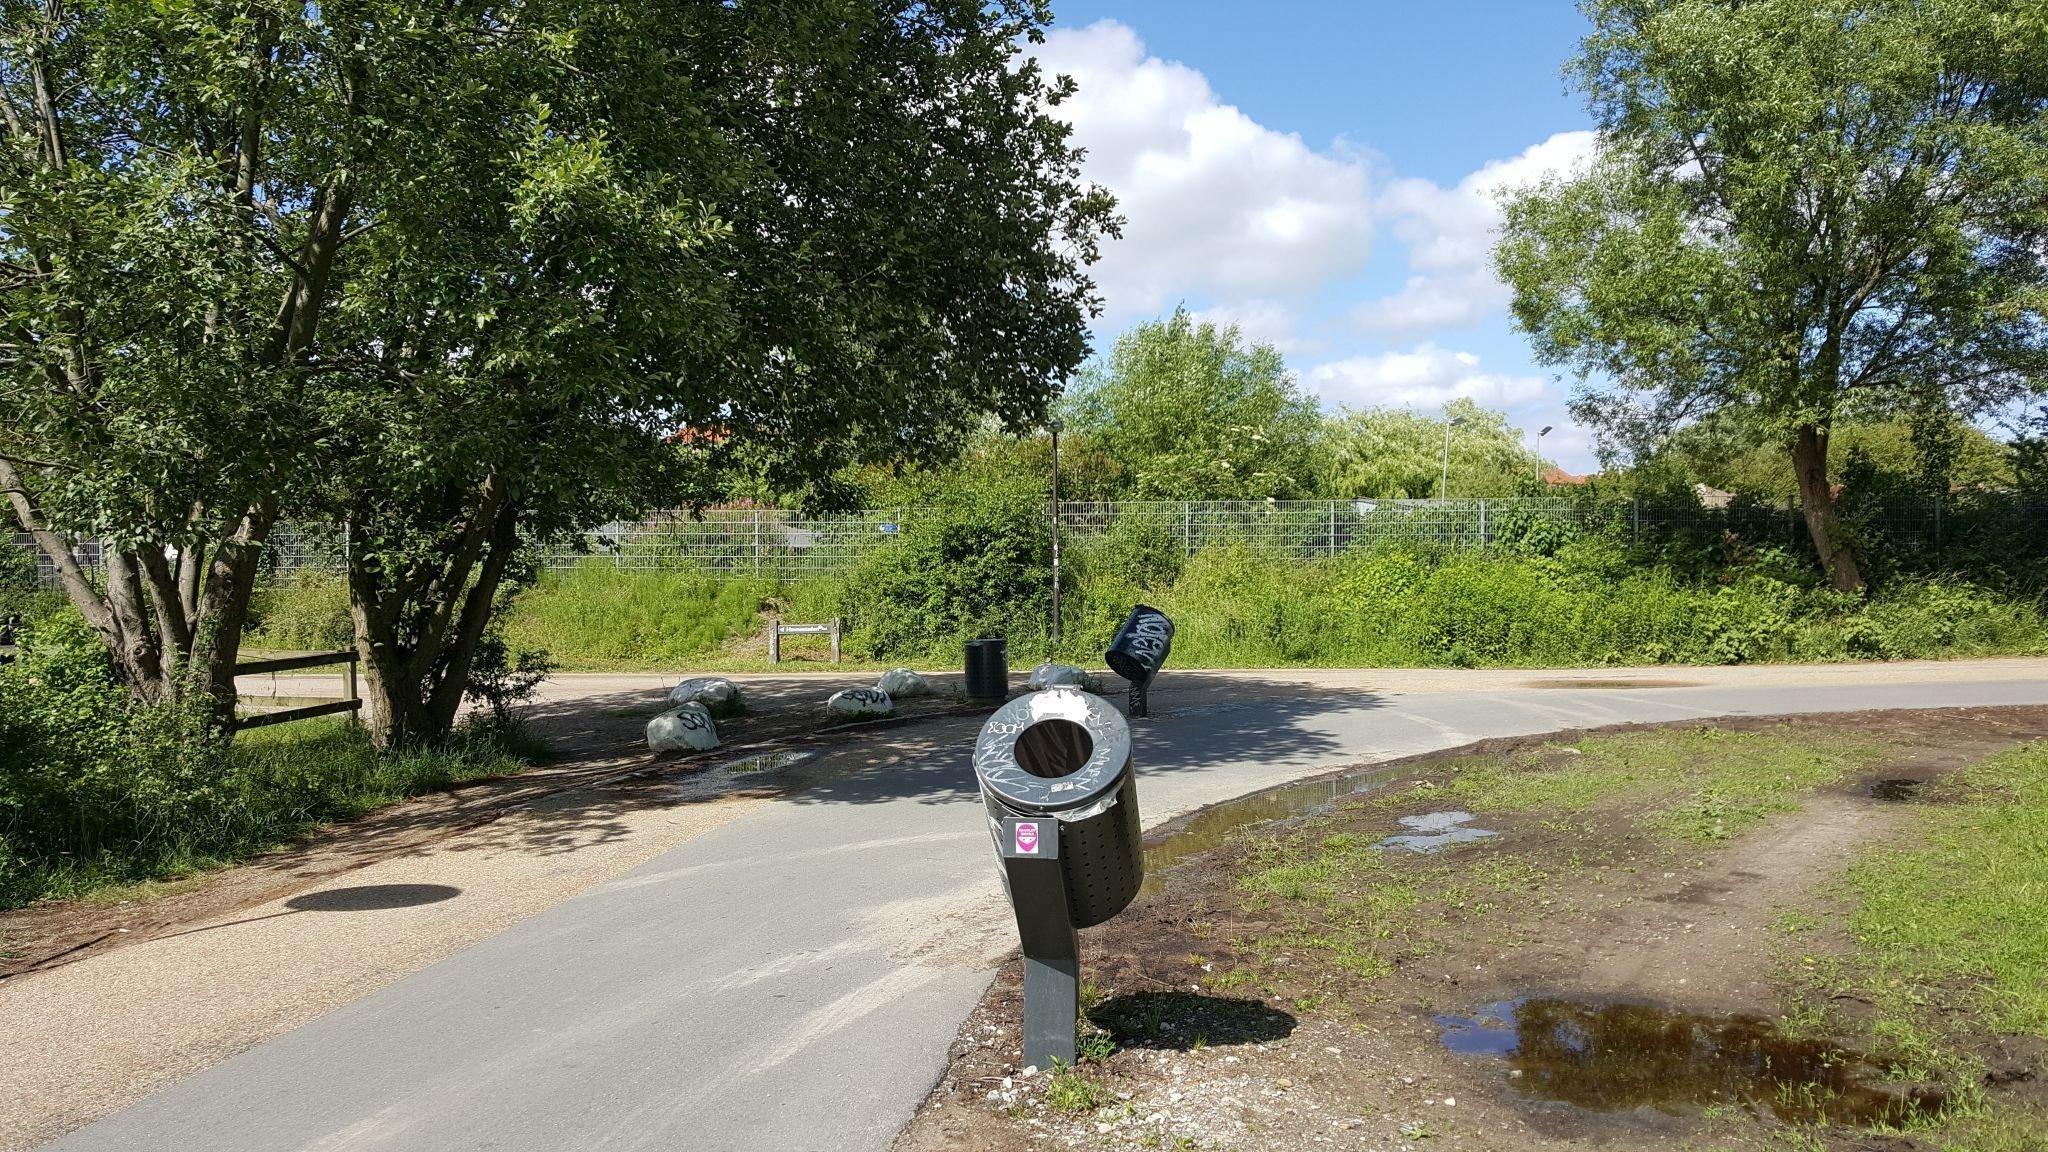 Radweg mit schrägem Mülleimer, in den man während der Radfahrt bequem Abfall entsorgen kann.